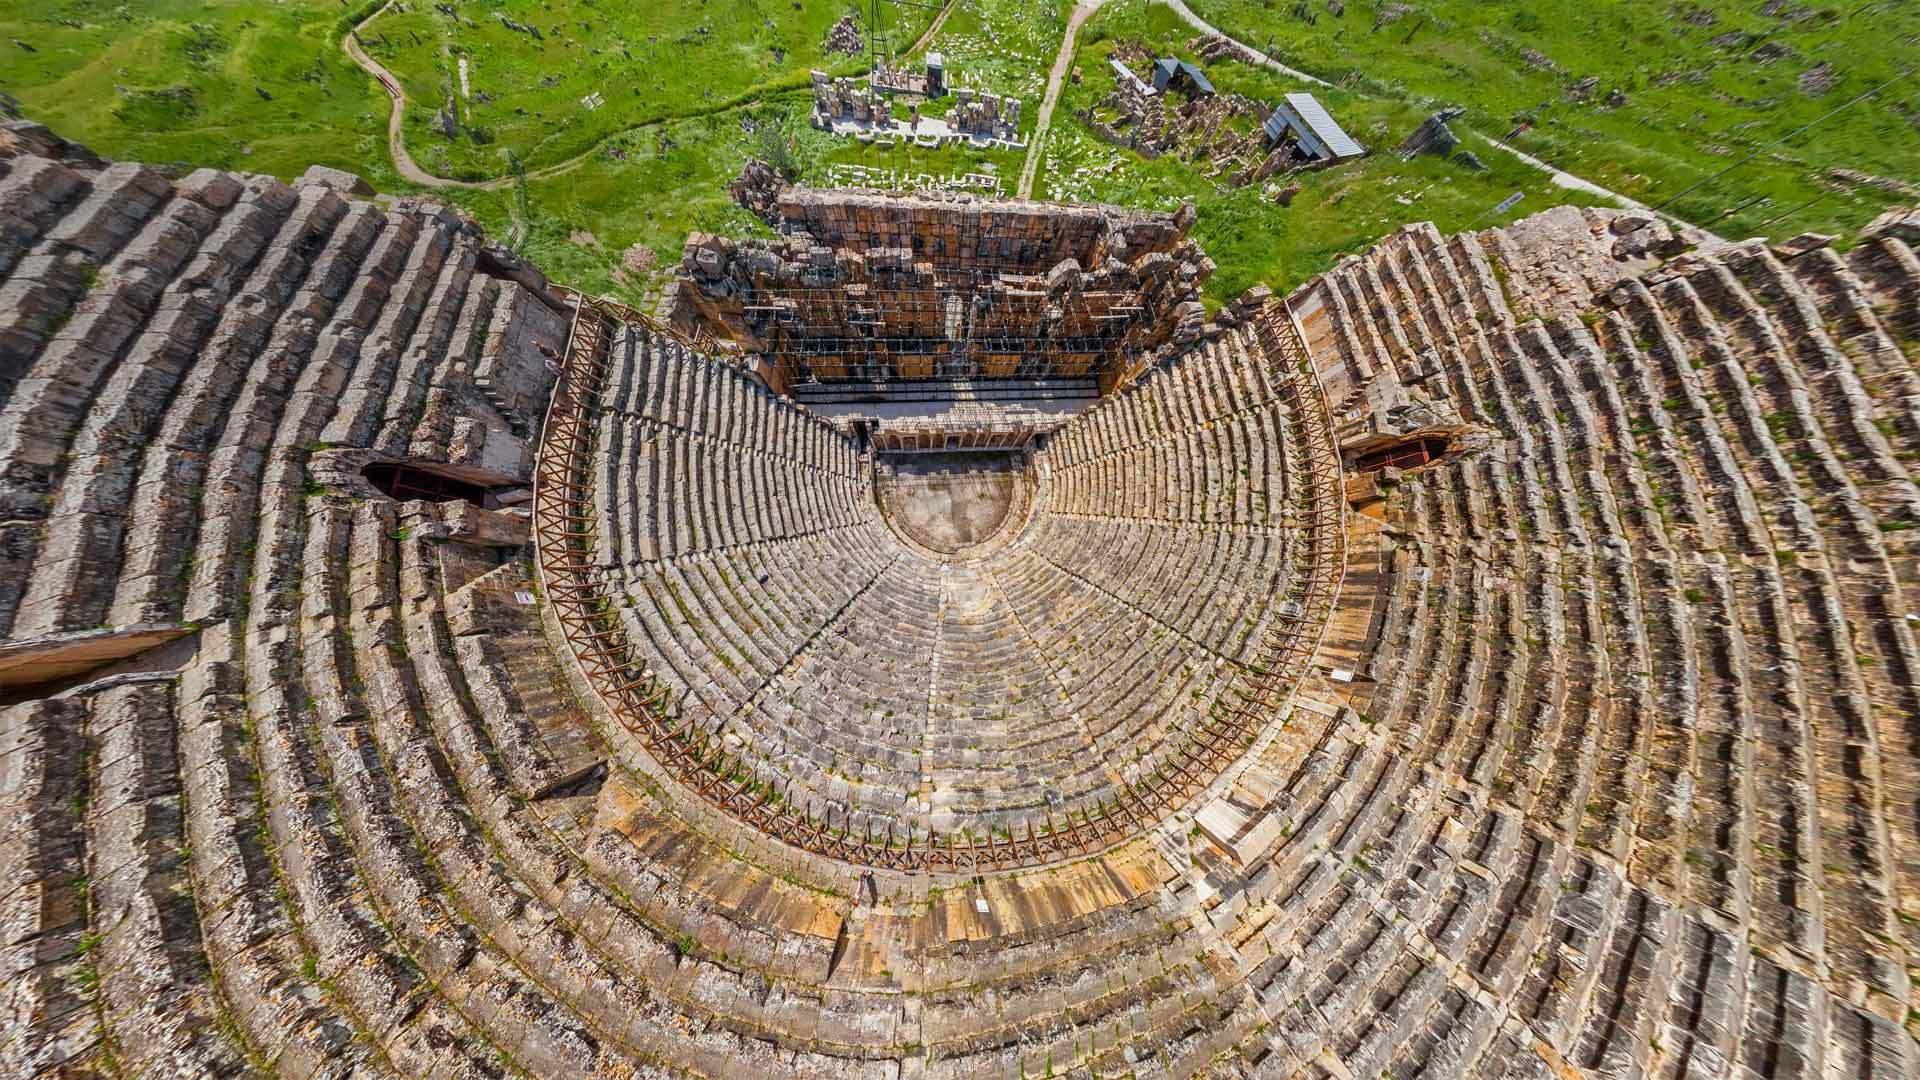 土耳其棉花堡附近希腊古城希拉波利斯的剧院鸟瞰图希拉波利斯